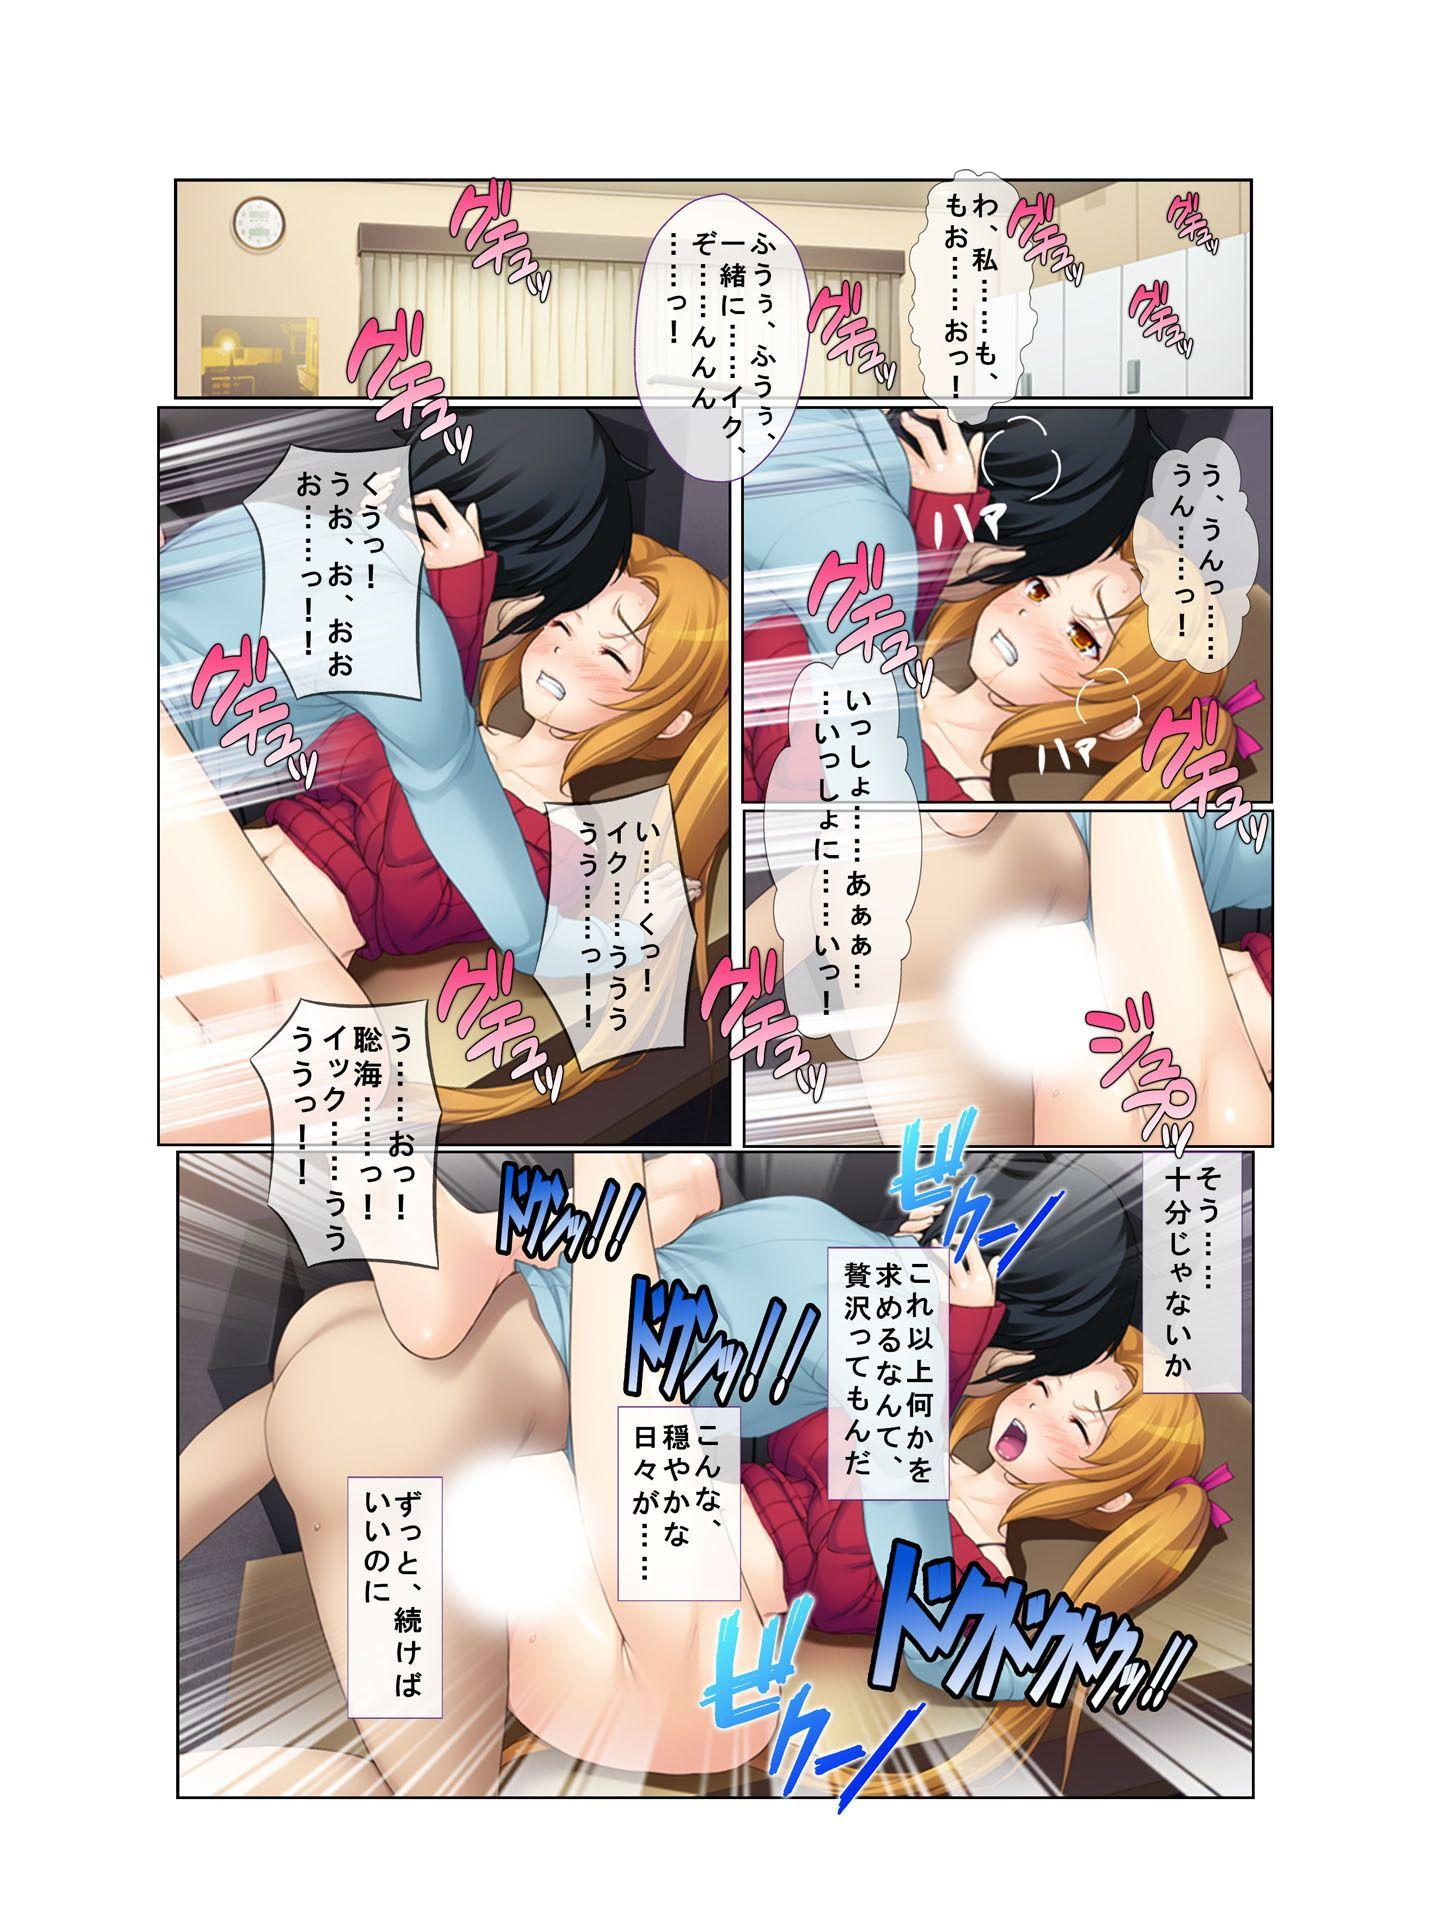 【どろっぷす! 同人】イキすぎ危険の生ハメ天国~終わらないハーレムセックス~フルカラーコミック版